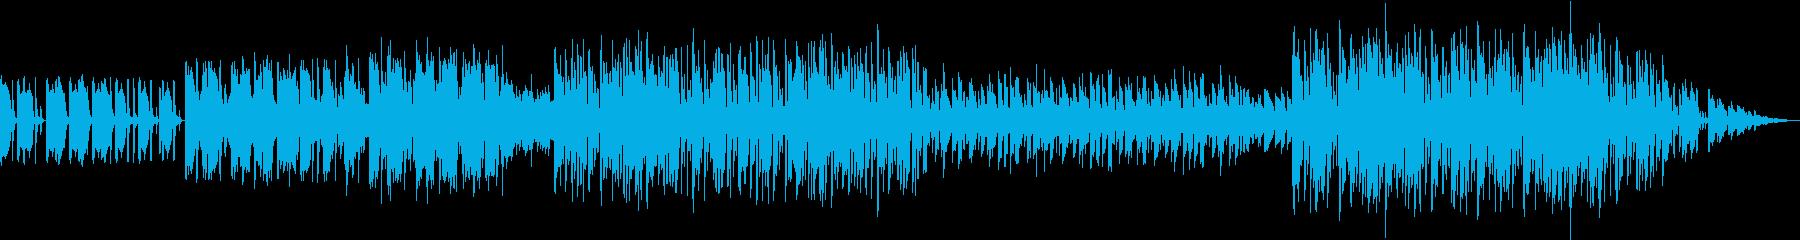 少し風変わりでロボット的な催眠エレ...の再生済みの波形